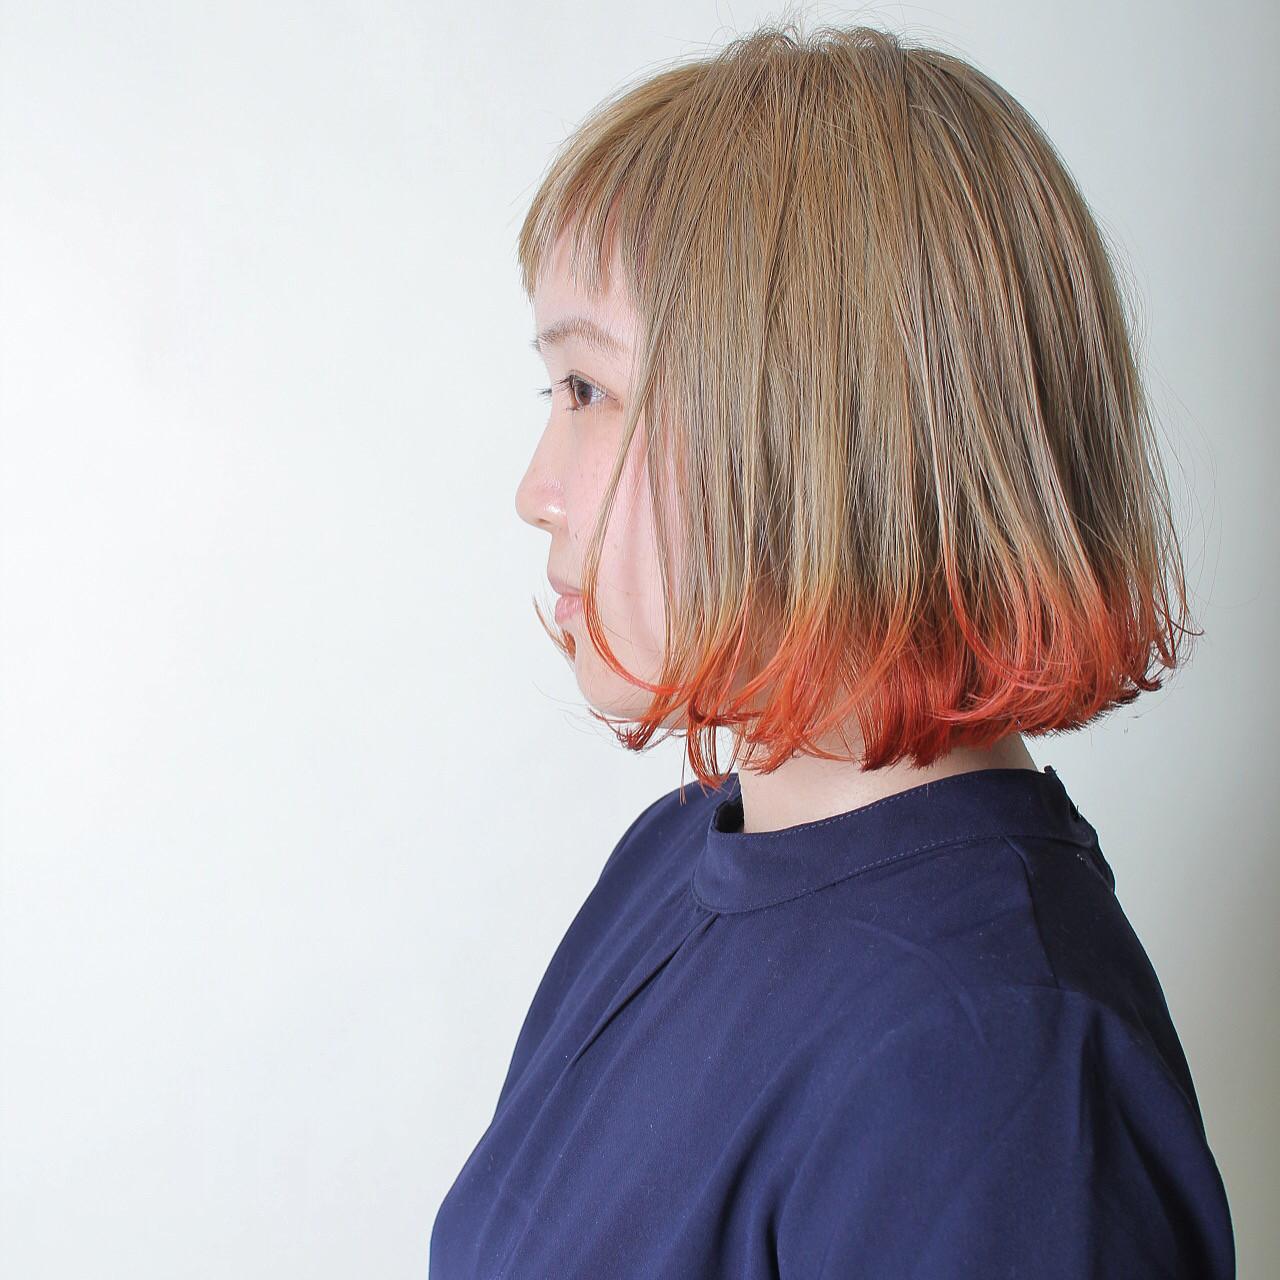 ナチュラル グラデーションカラー オレンジ レッド ヘアスタイルや髪型の写真・画像